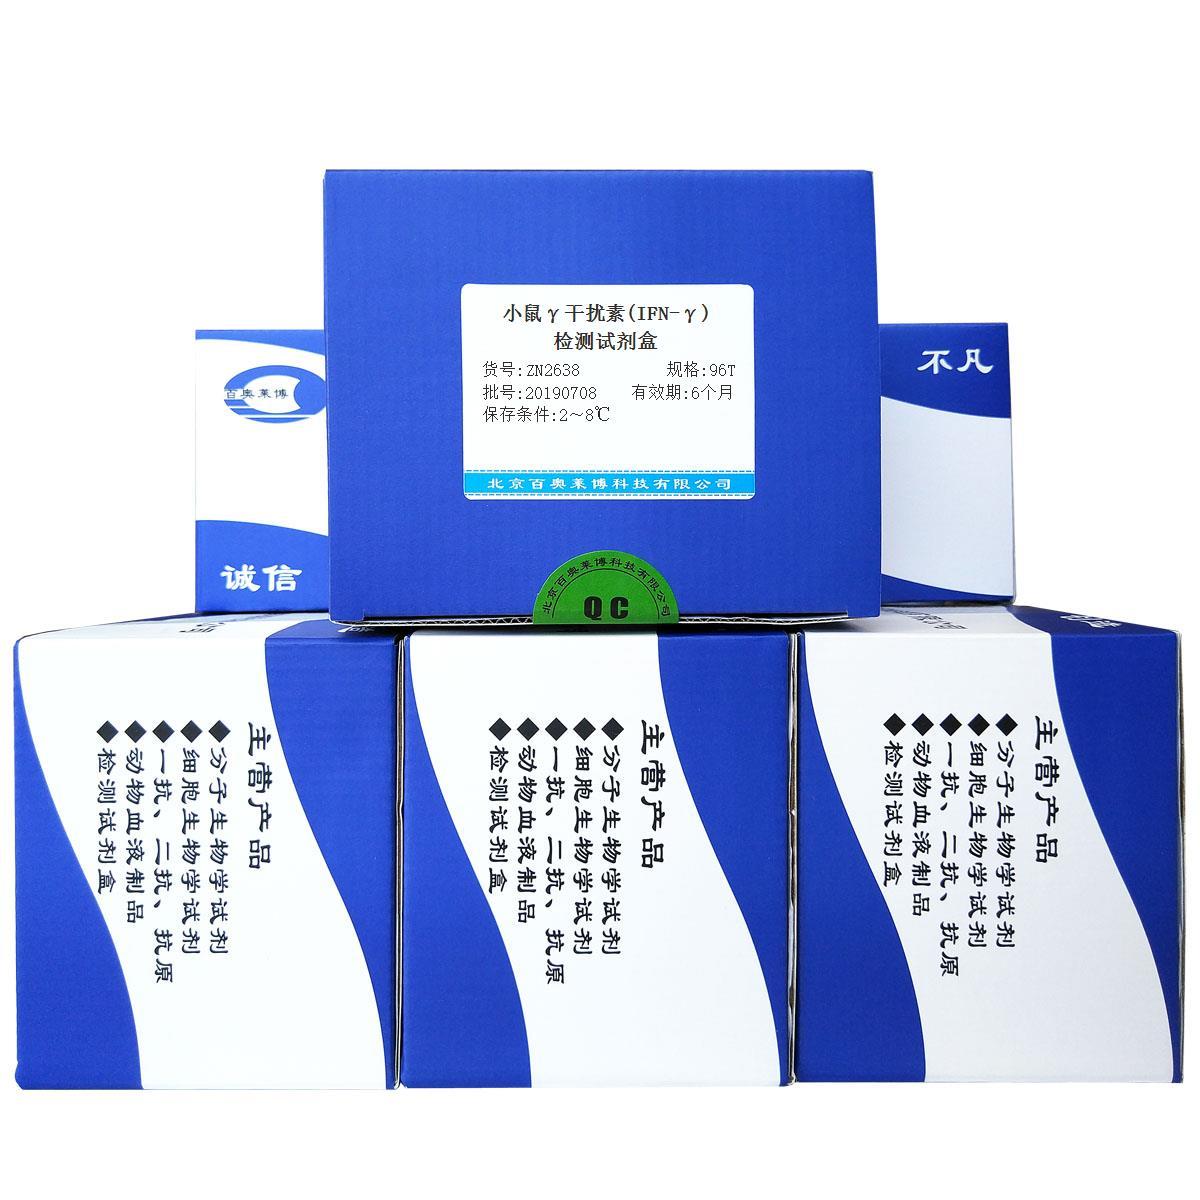 小鼠γ干扰素(IFN-γ)检测试剂盒北京现货